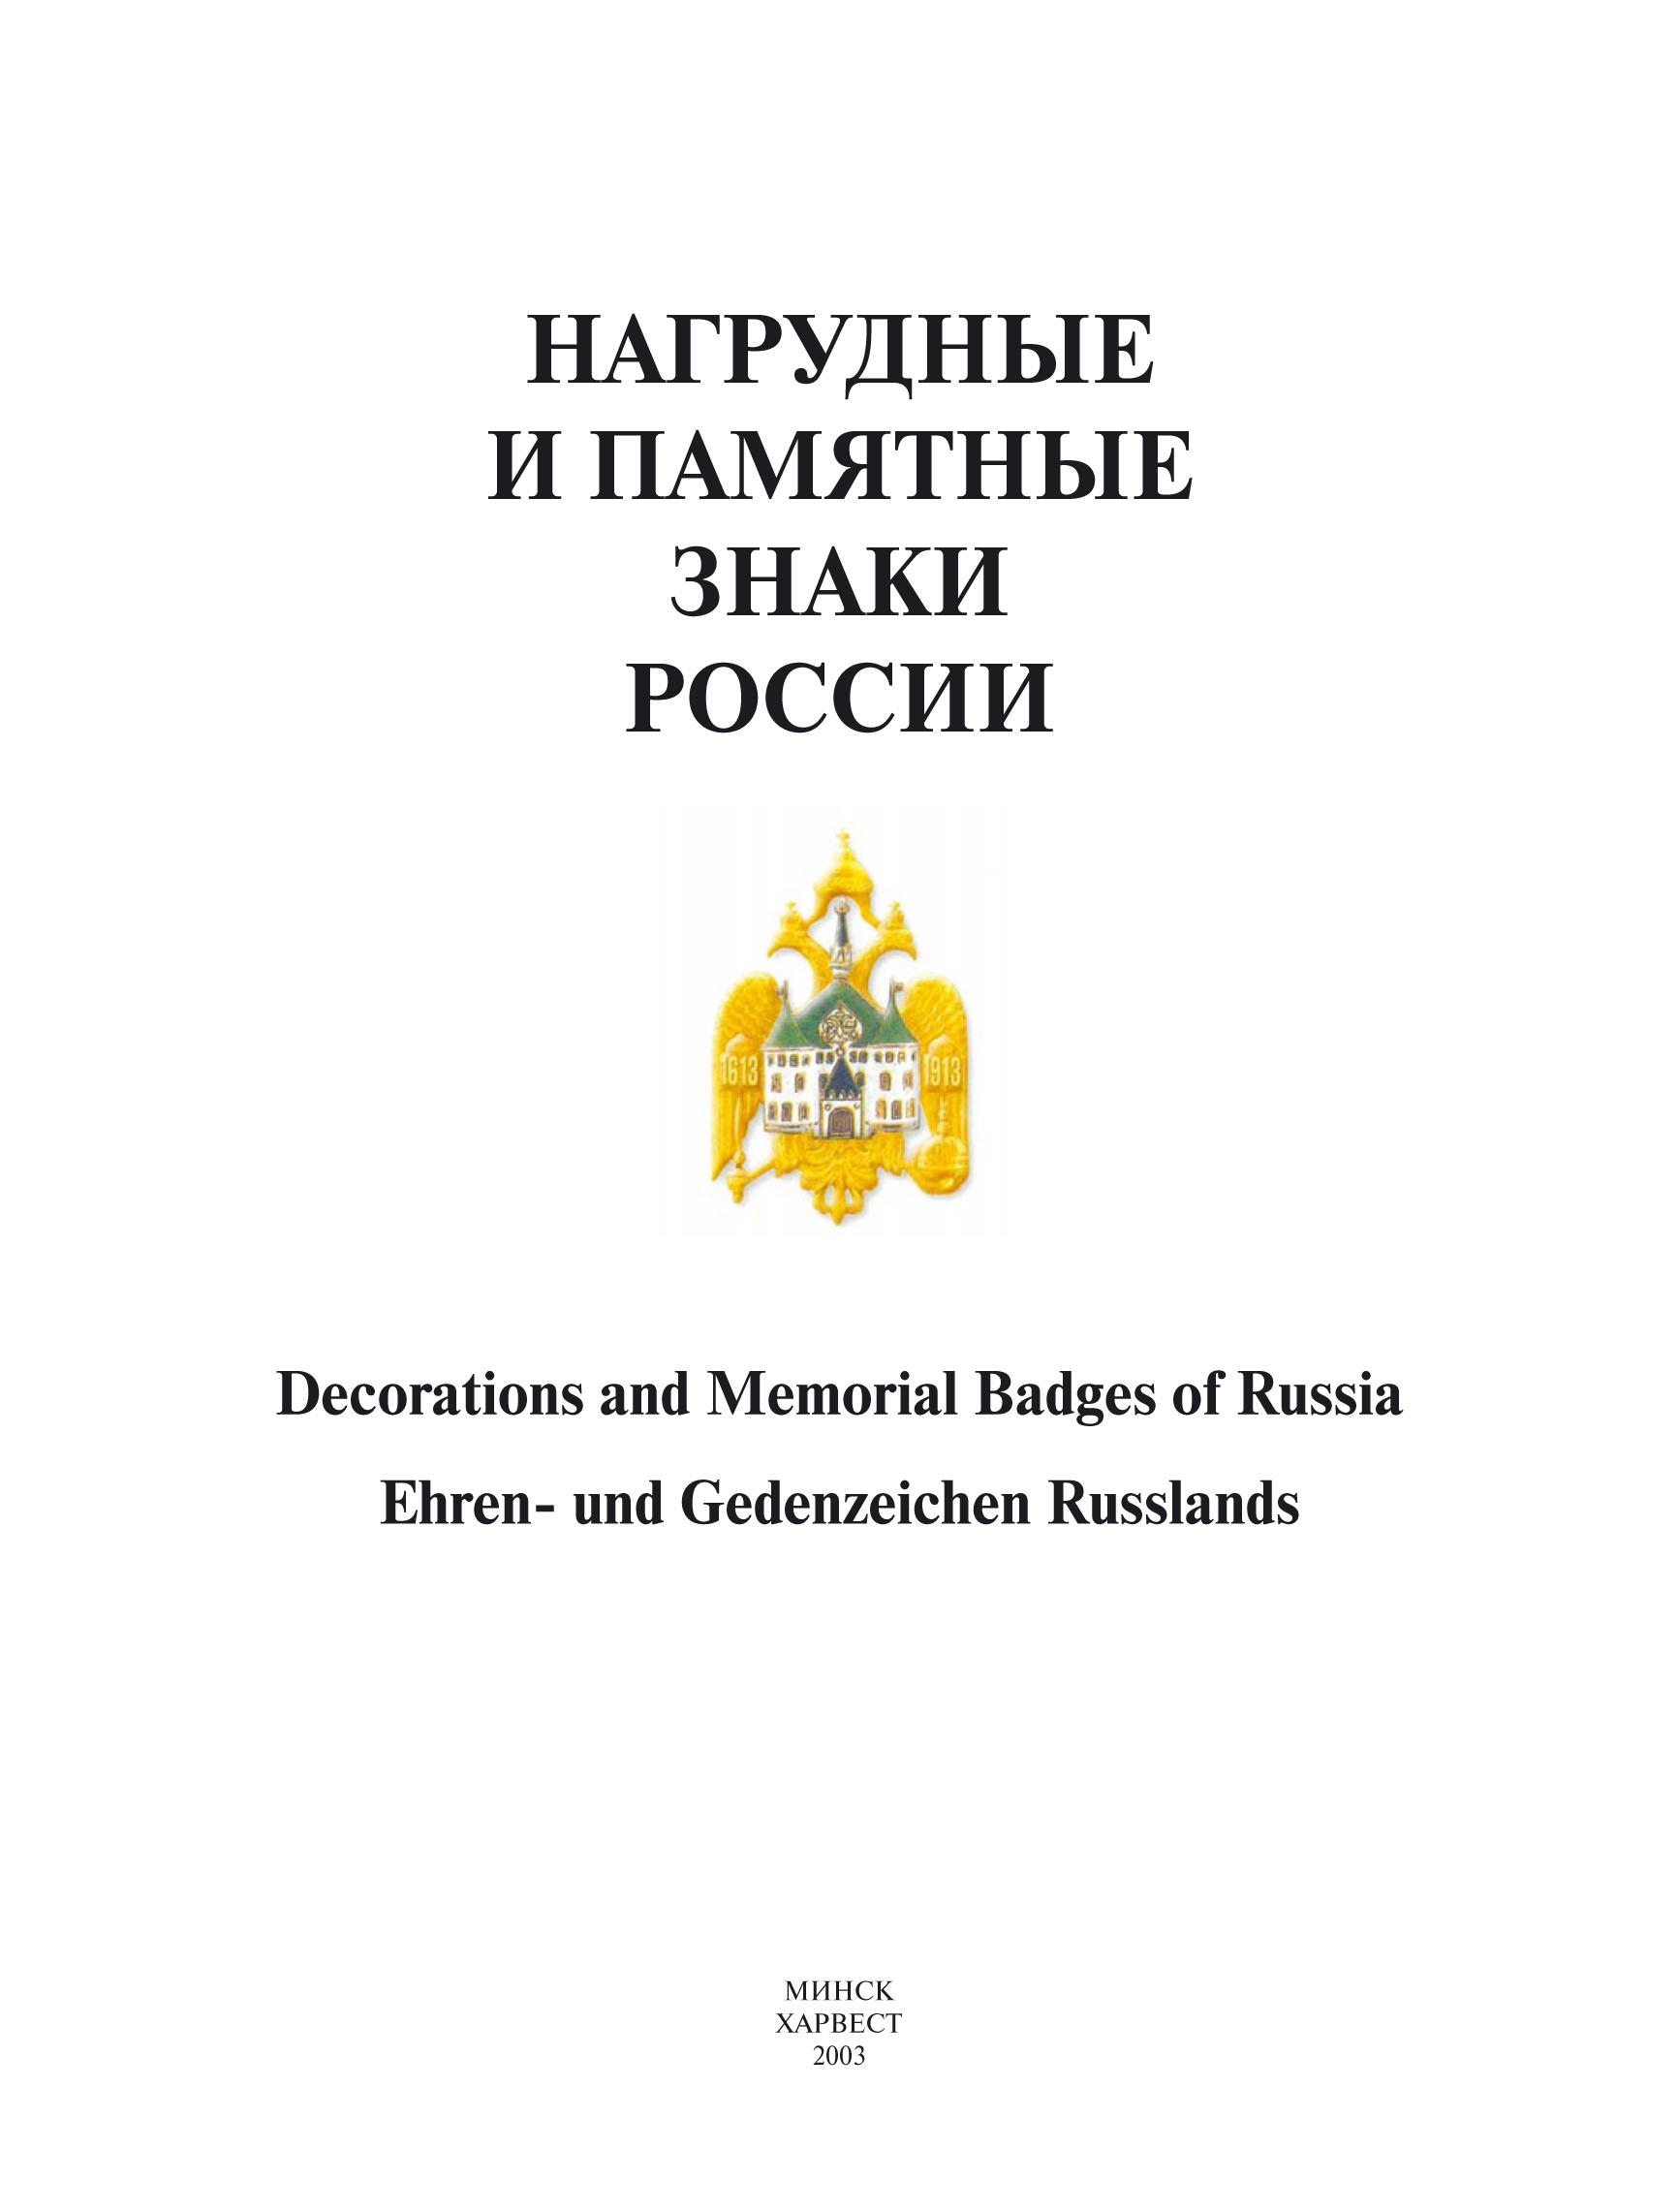 Купить книгу Нагрудные и памятные знаки России, автора